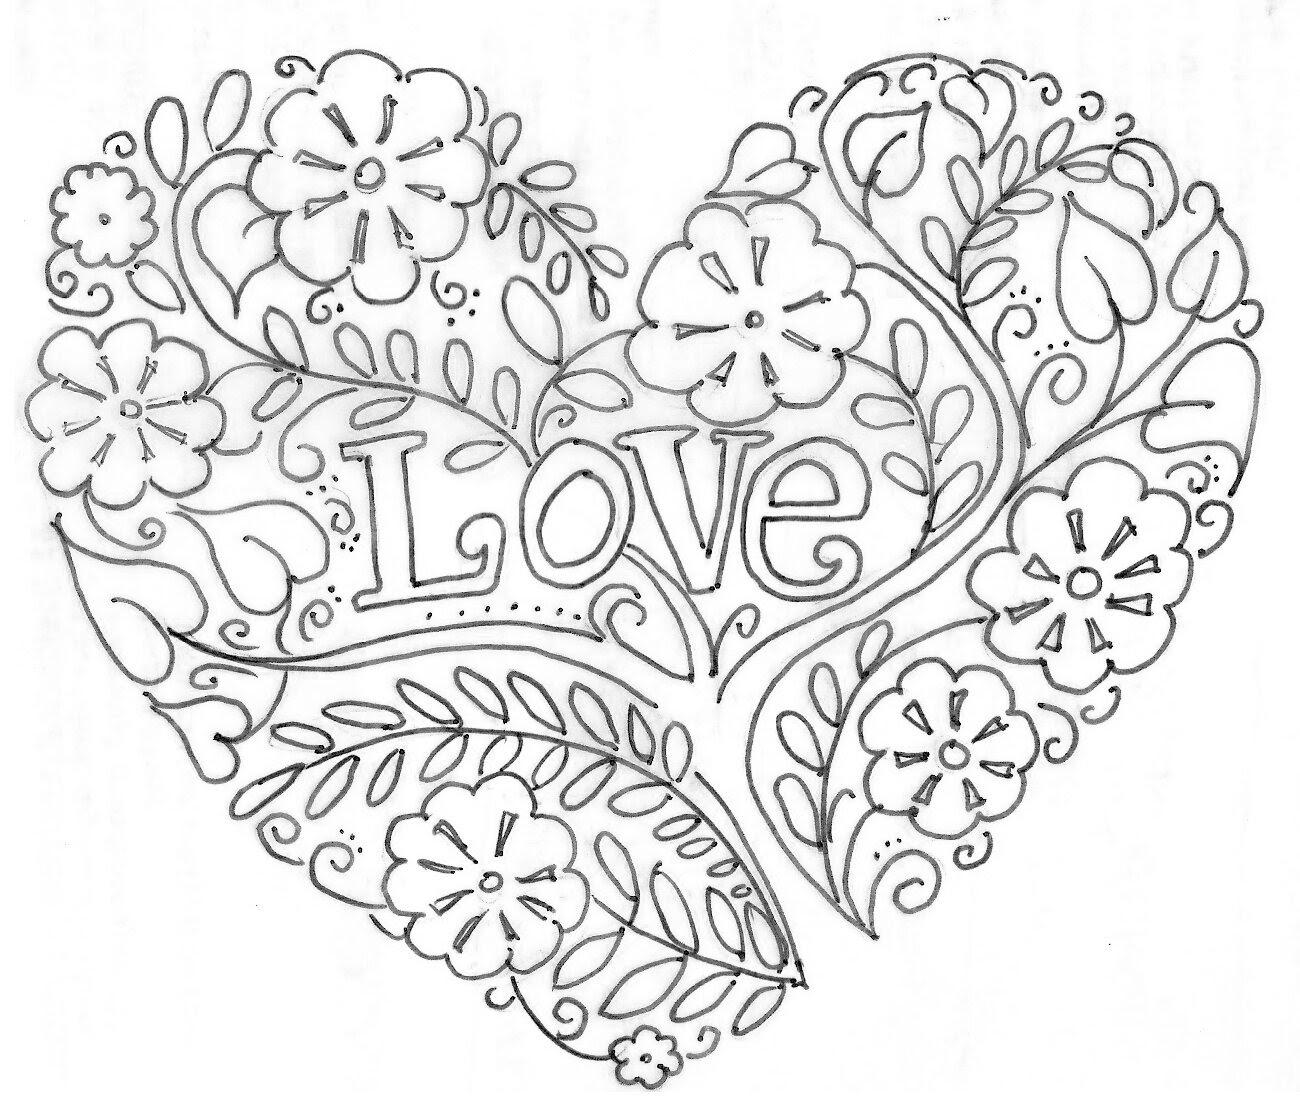 coloriage d amour pour adulte